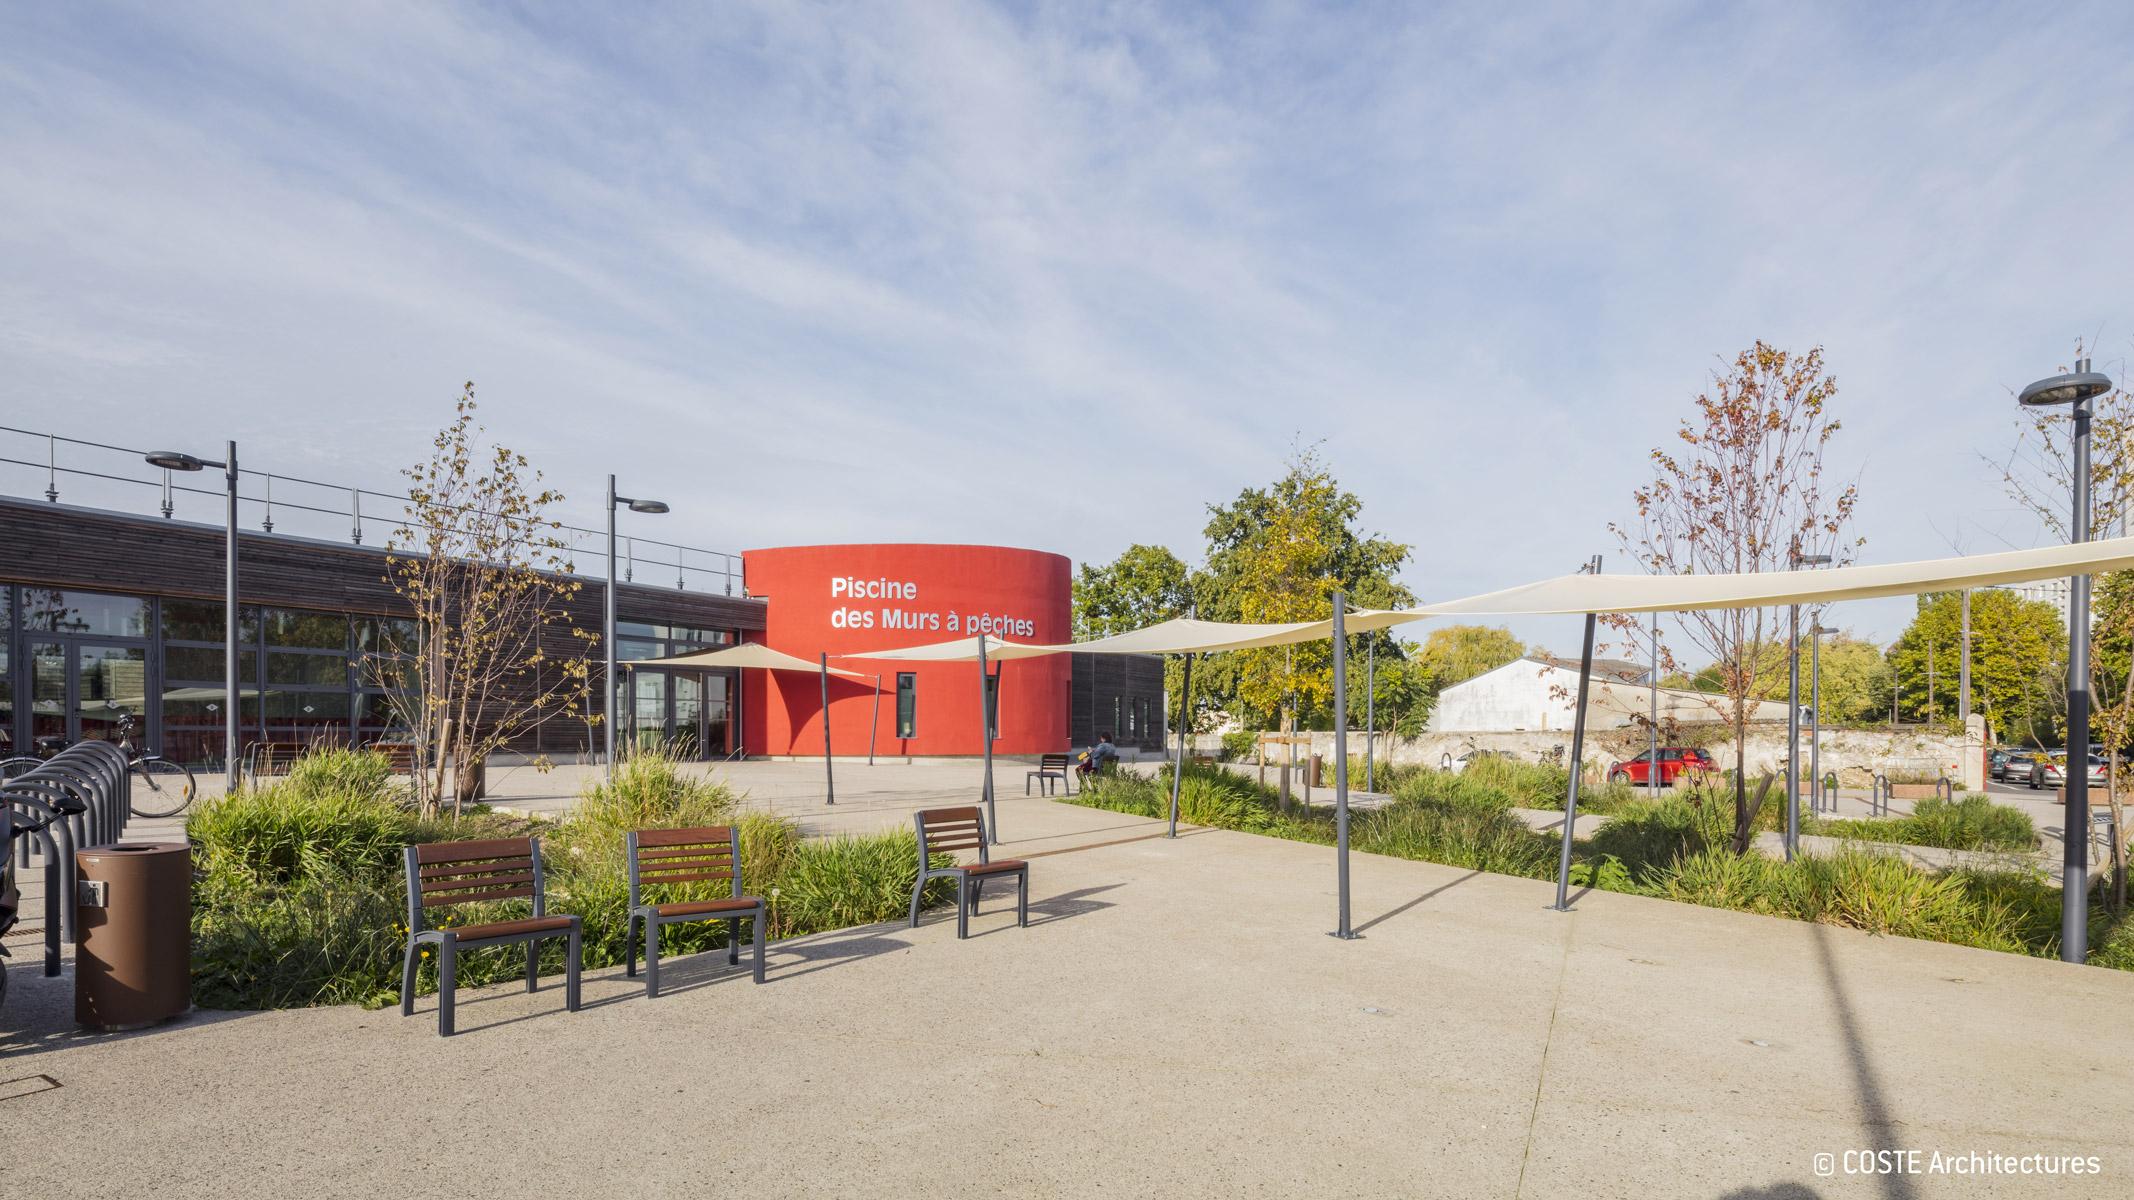 Montreuil / Piscine Écologique | Agence Ter concernant Piscine Des Murs À Pêche Montreuil